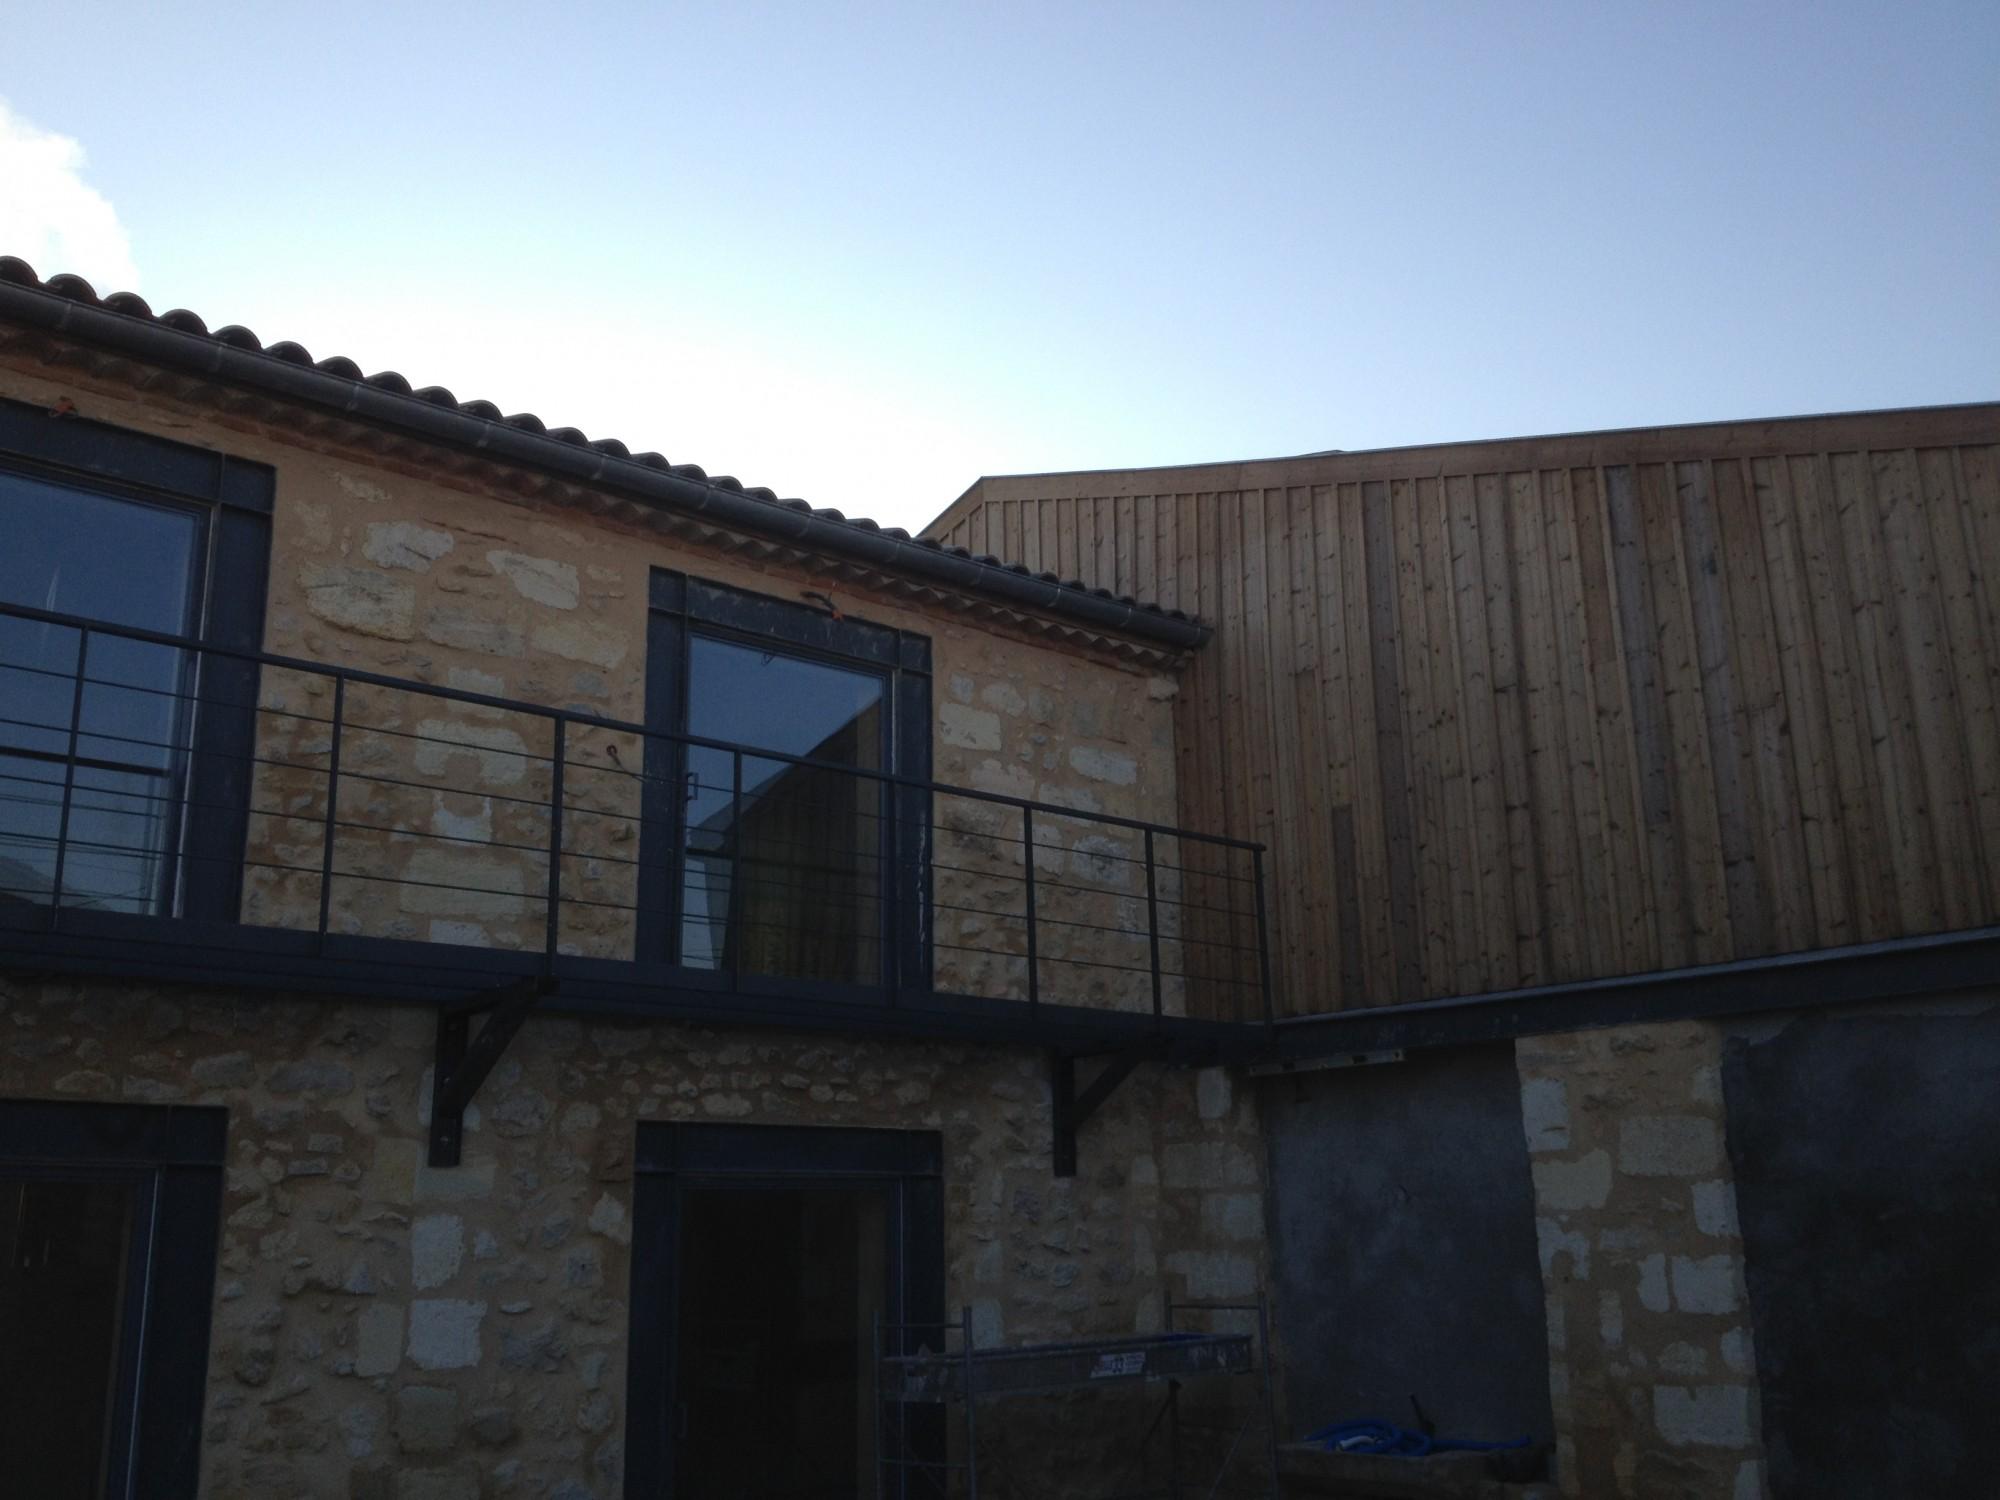 Maison Ossature Bois Bordeaux extension et surelevation maison ossature bois bordeaux